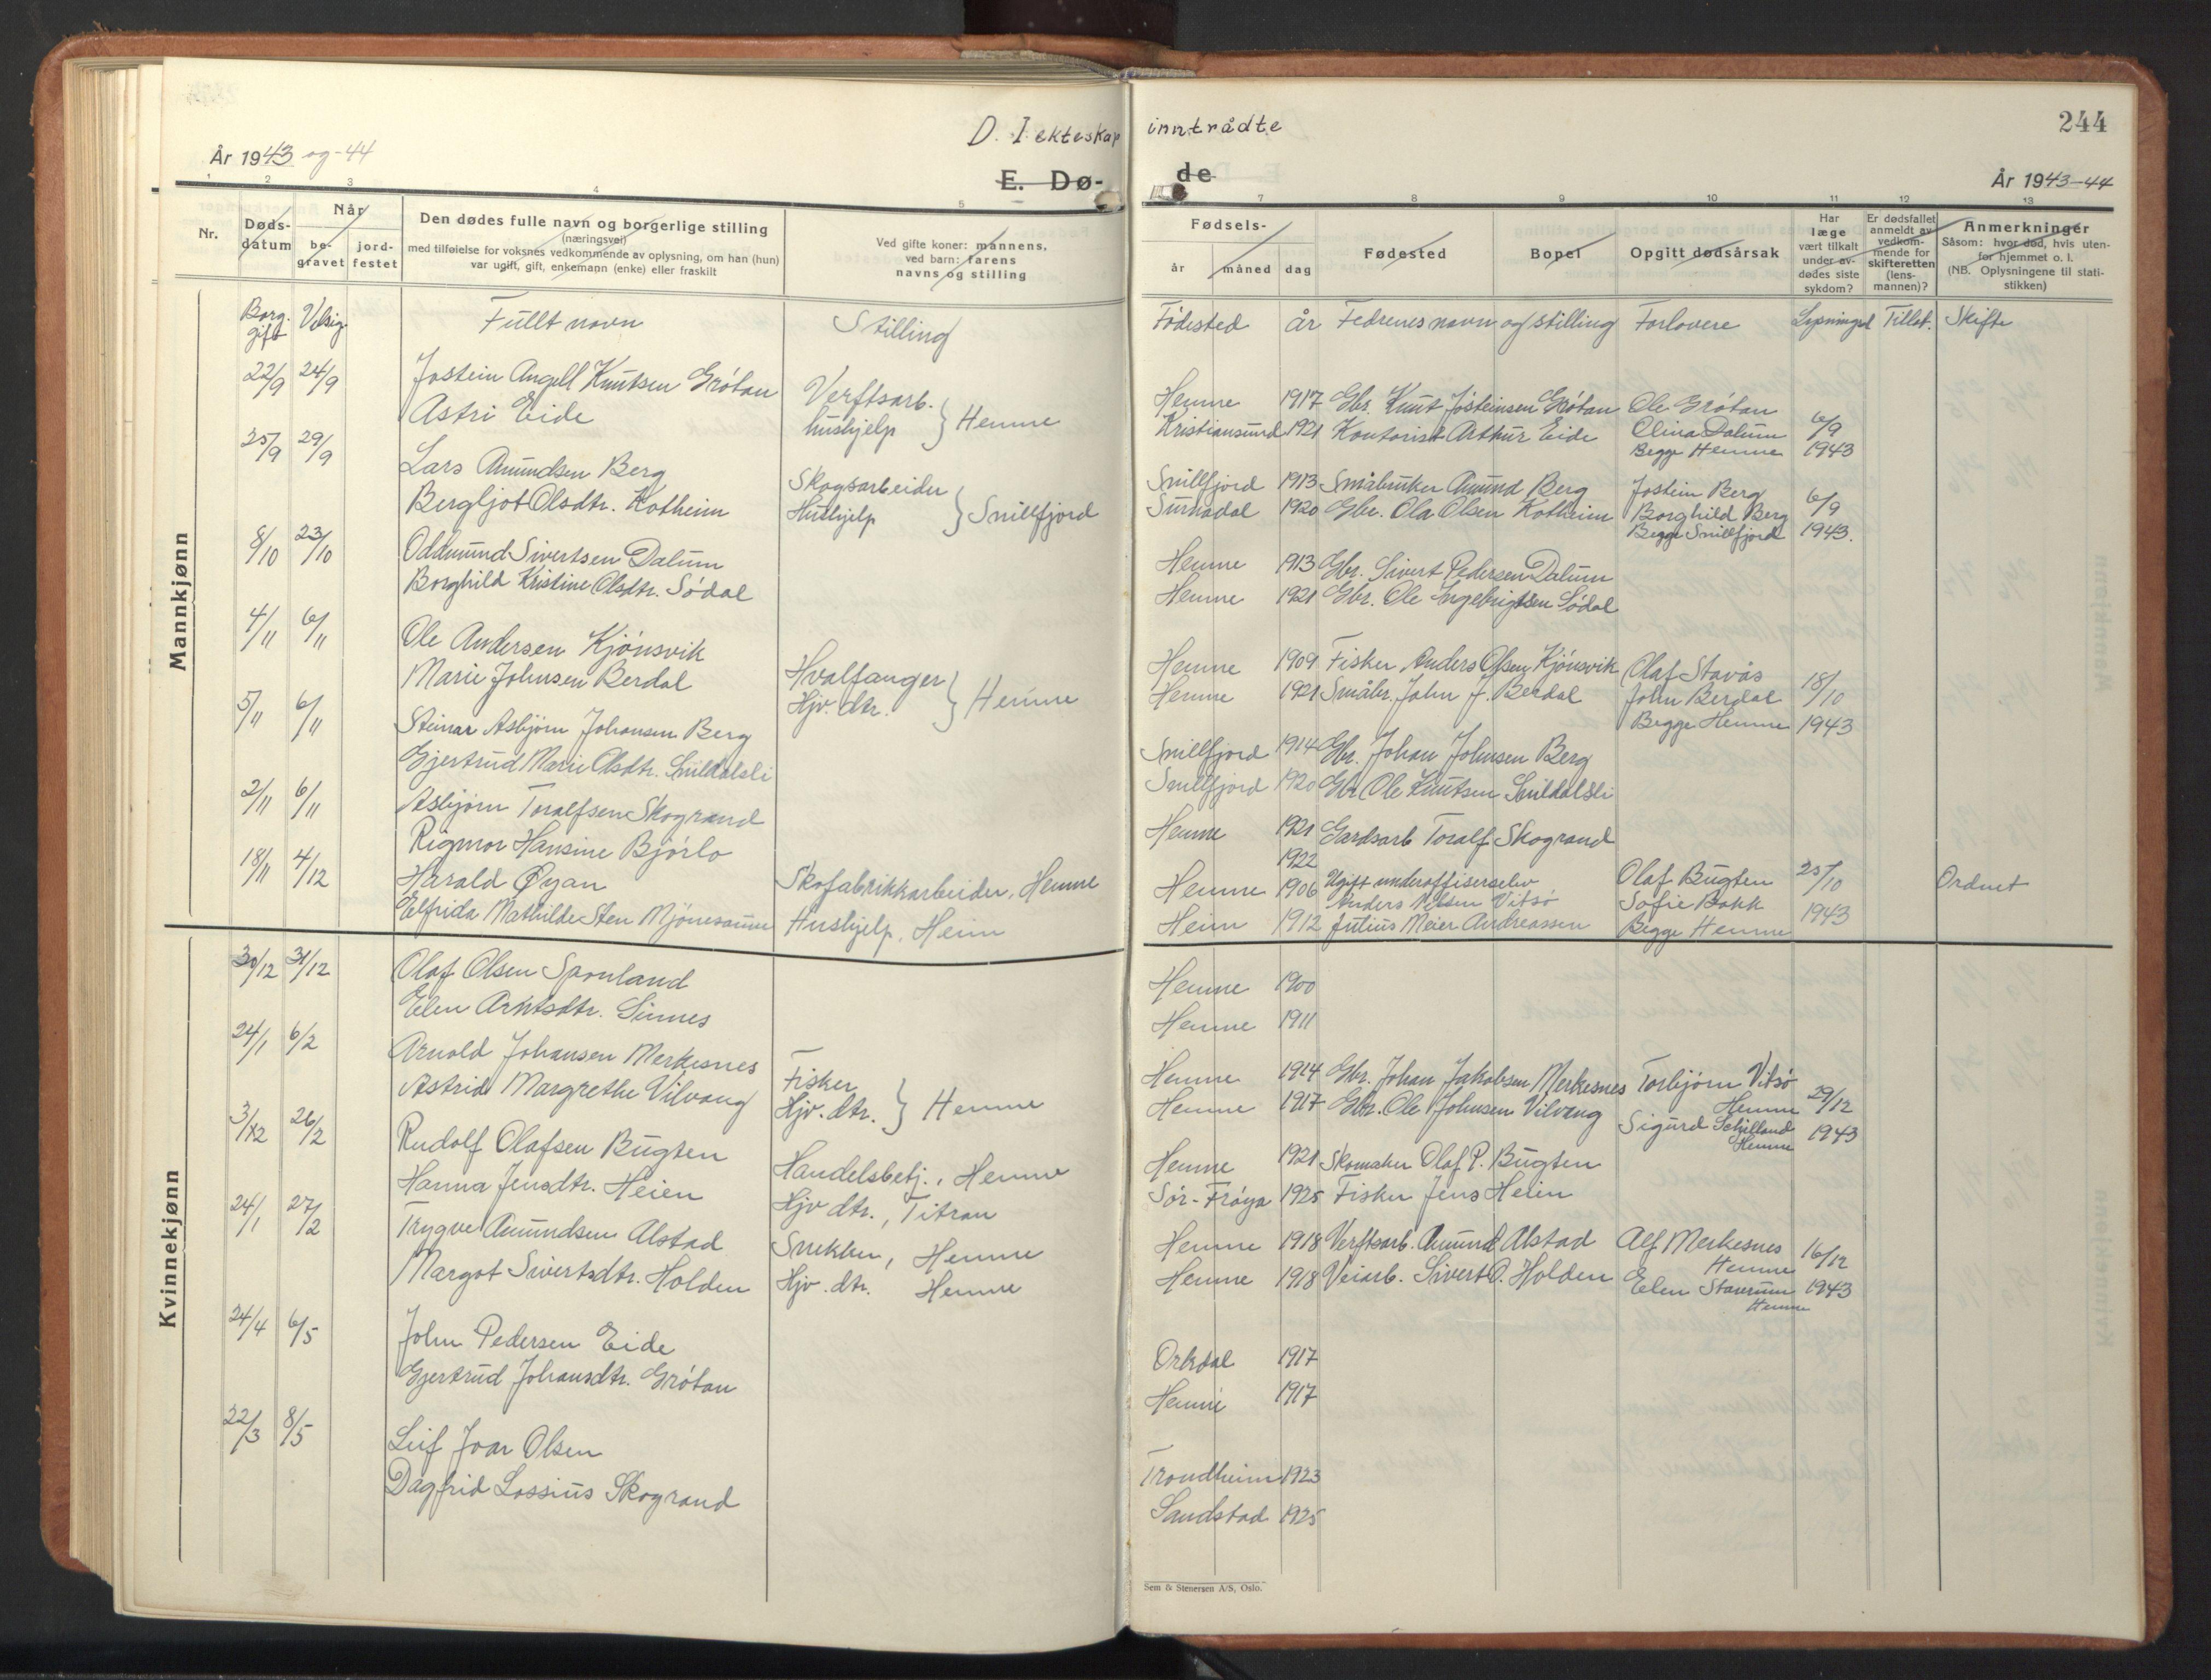 SAT, Ministerialprotokoller, klokkerbøker og fødselsregistre - Sør-Trøndelag, 630/L0508: Klokkerbok nr. 630C06, 1933-1950, s. 244